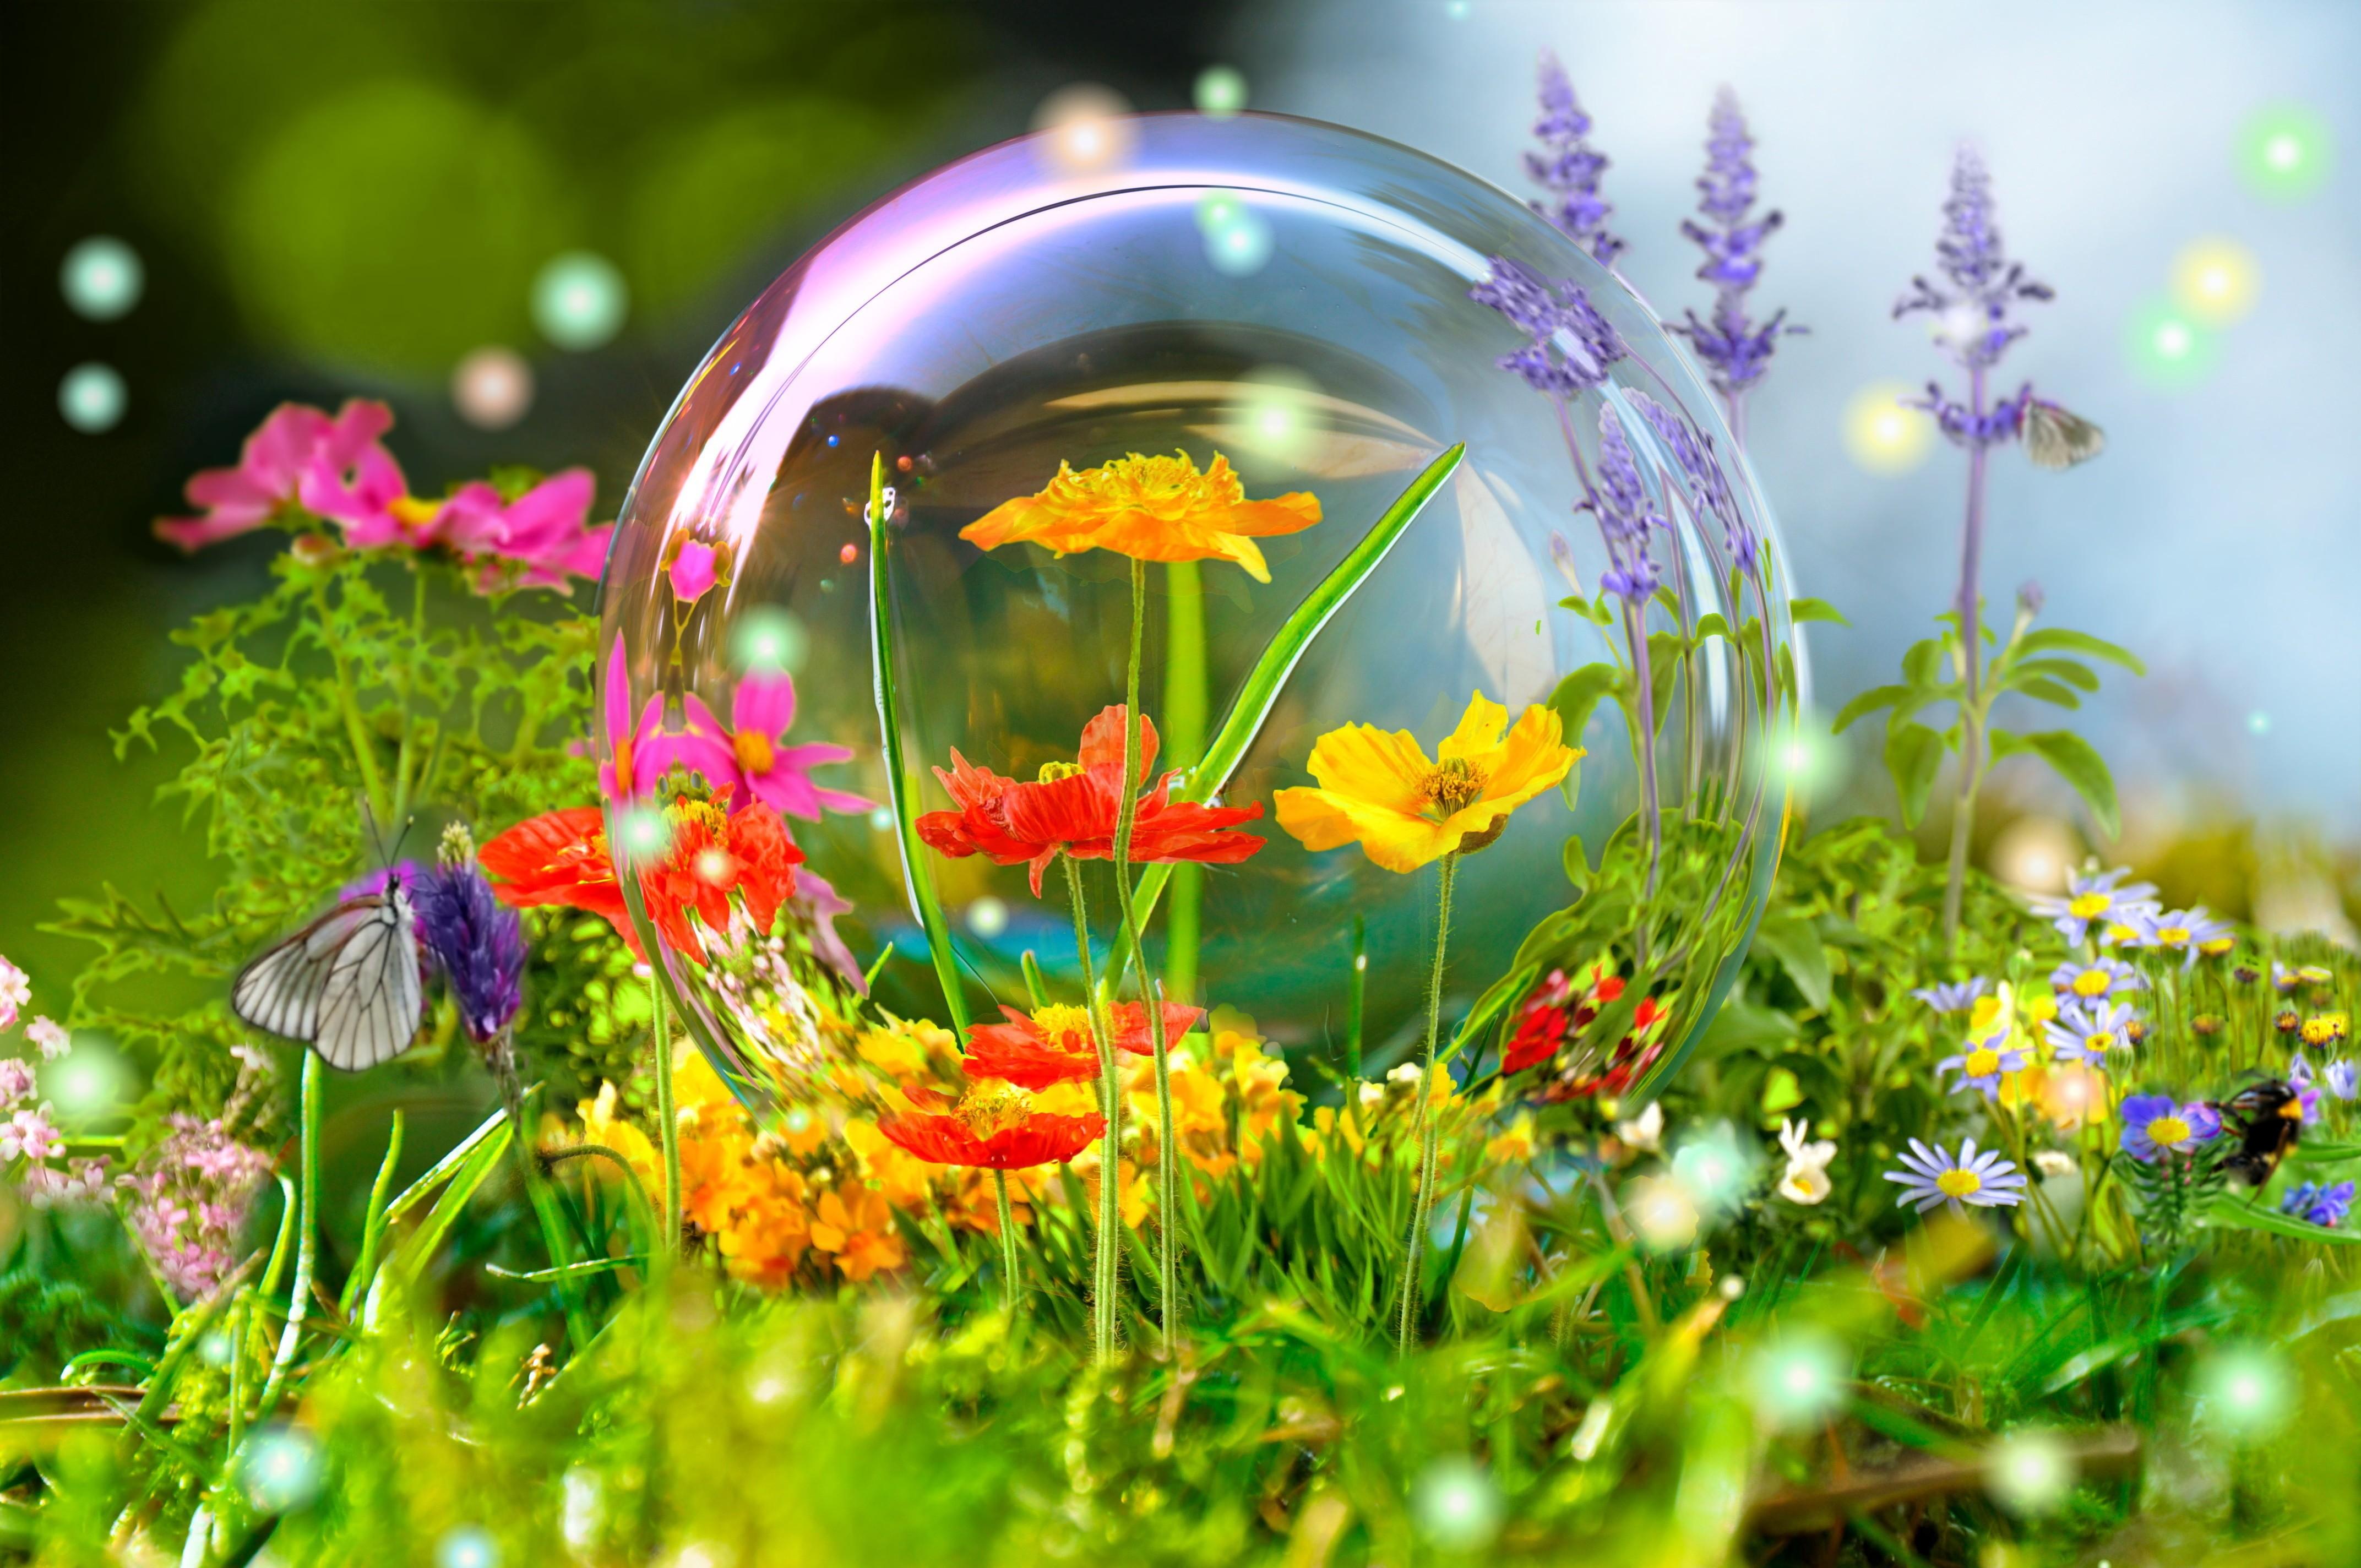 Hình ảnh mùa xuân đẹp nhất (2)